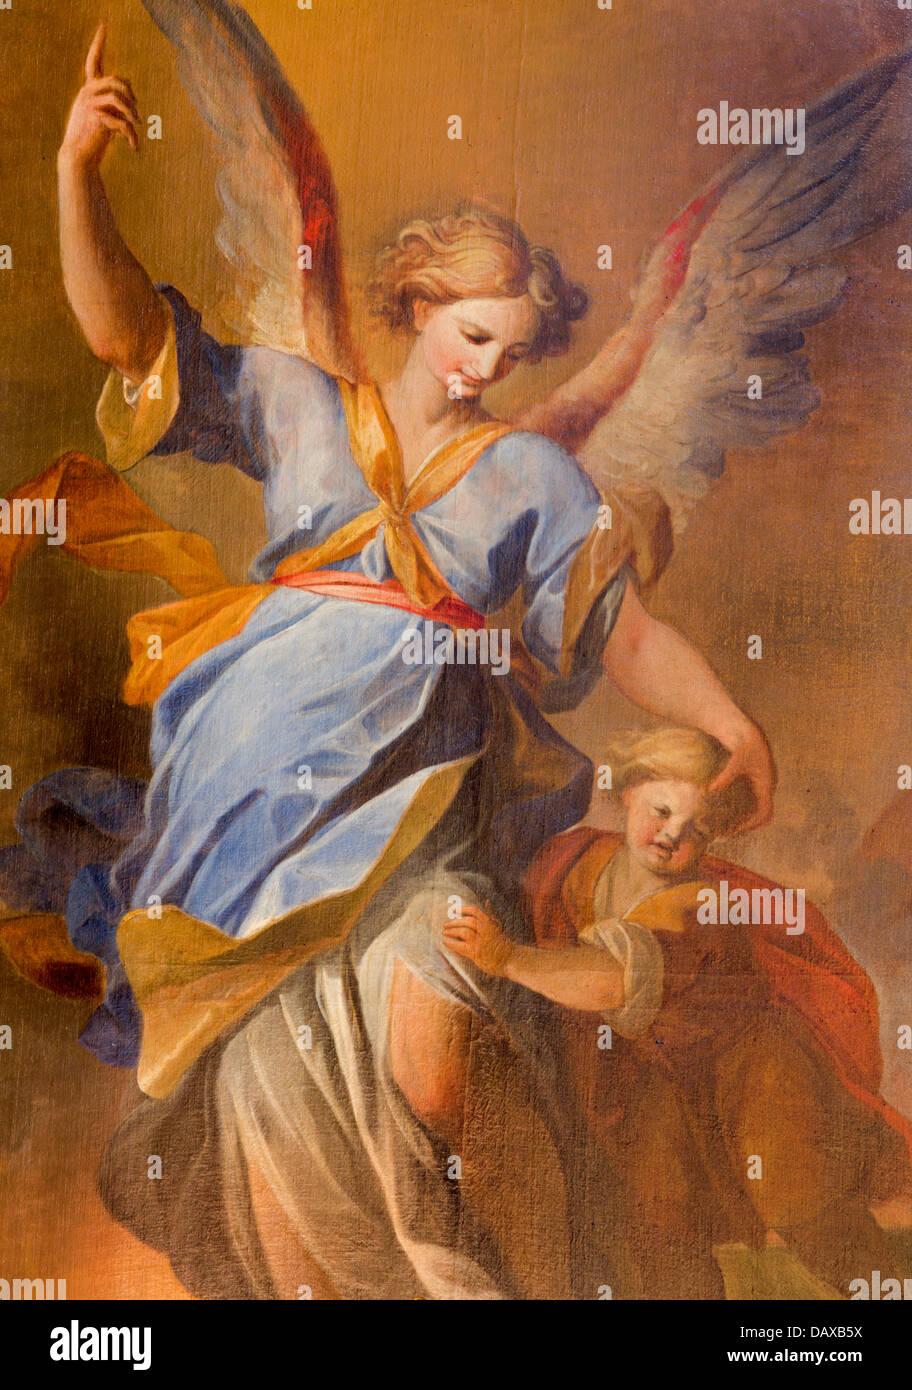 Vienne - 3 juillet: ange gardien avec l'enfant dans la peinture de l'autel latéral de l'église Photo Stock